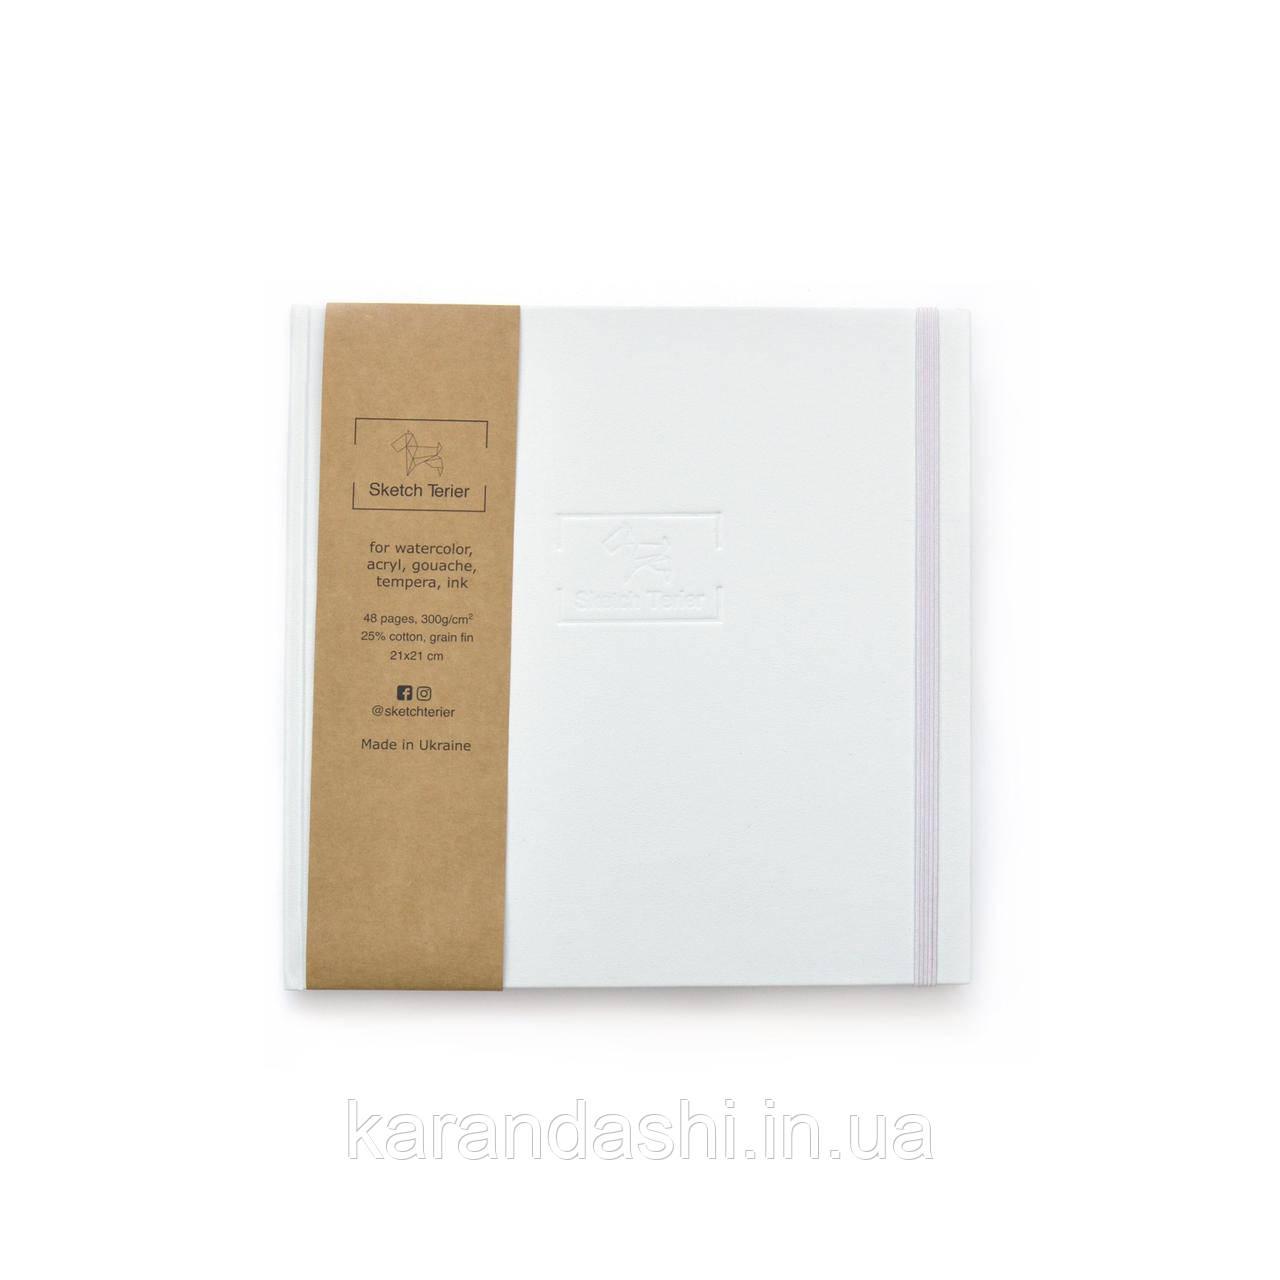 Скетчбук для Акварели 21*21см в твердой обложке Sketch Terier 25% хлопка (Белая обложка)